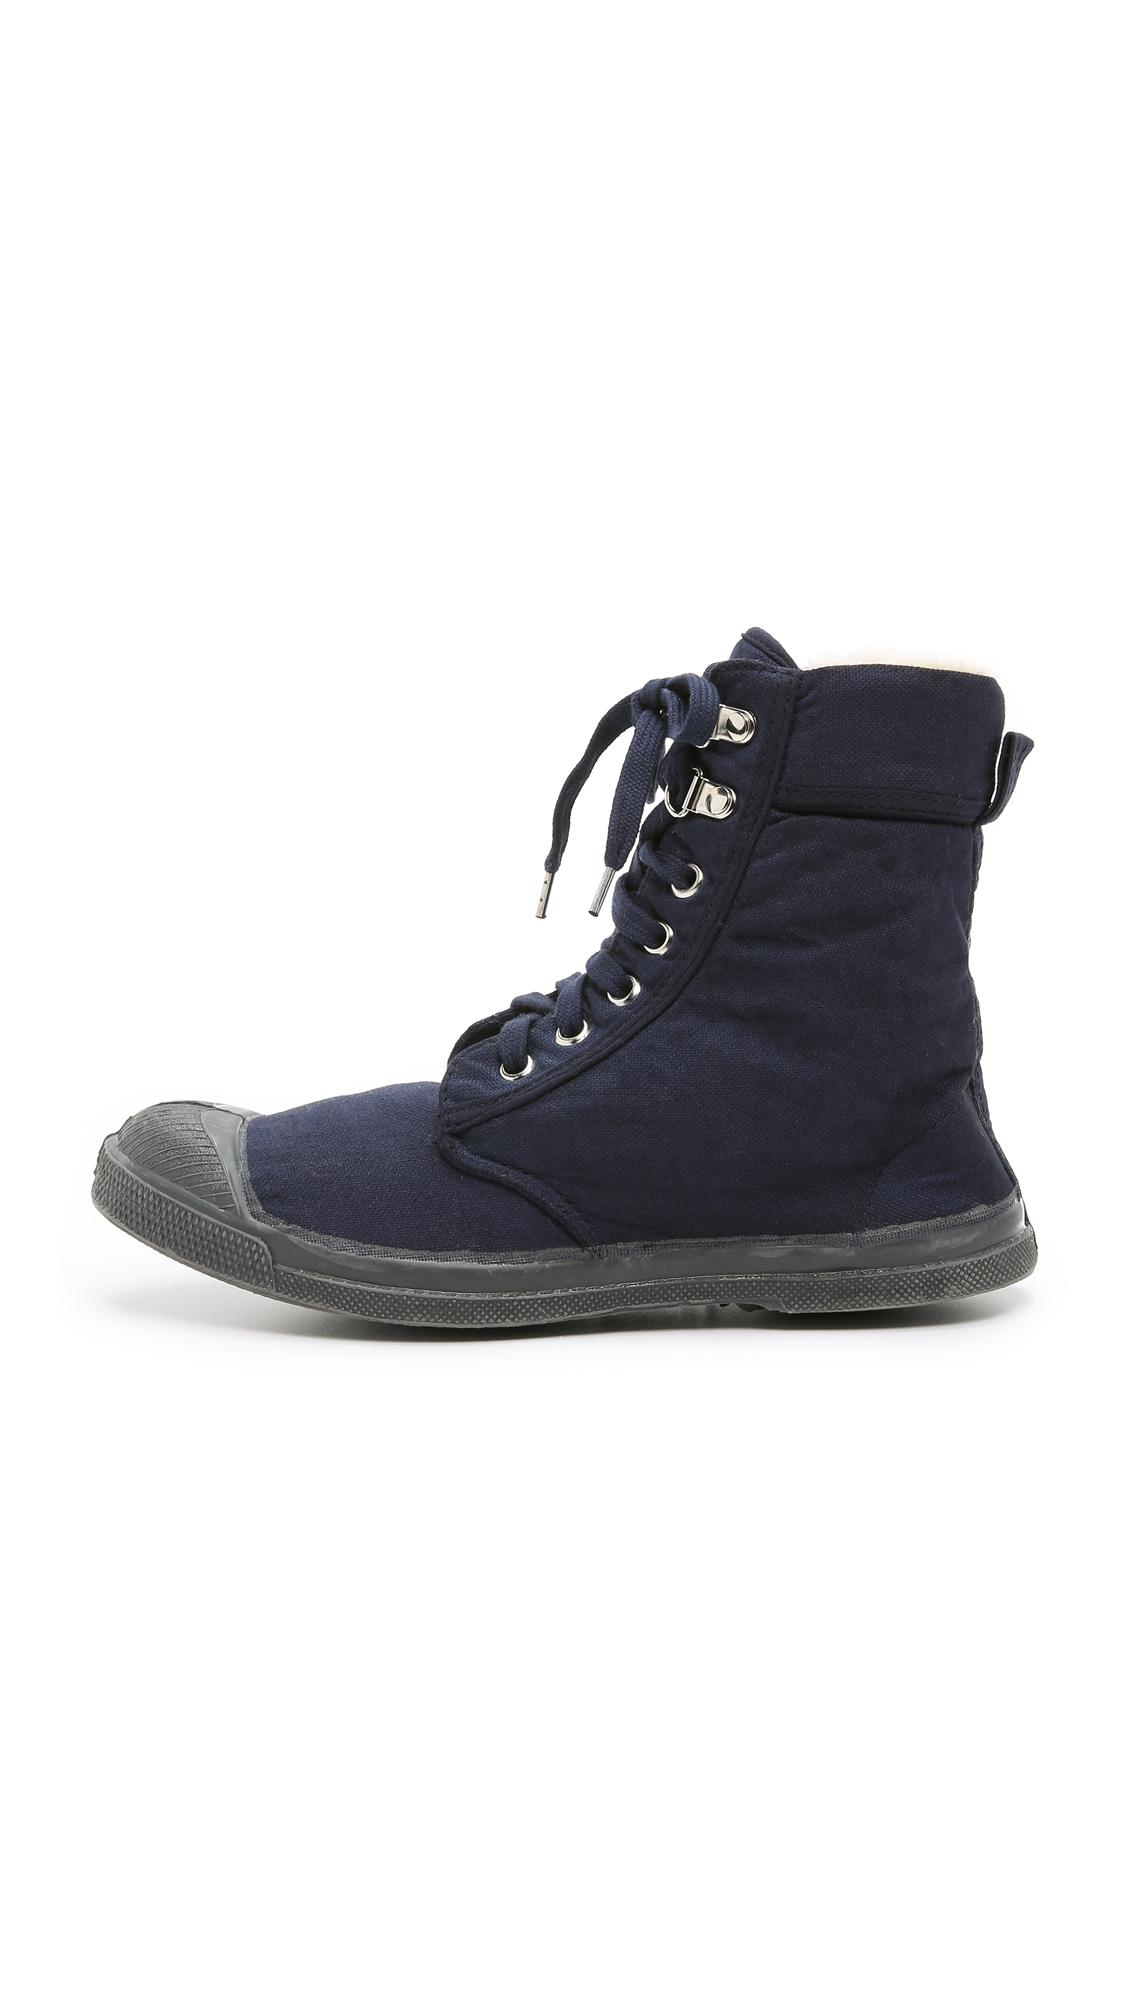 European Shoe Size